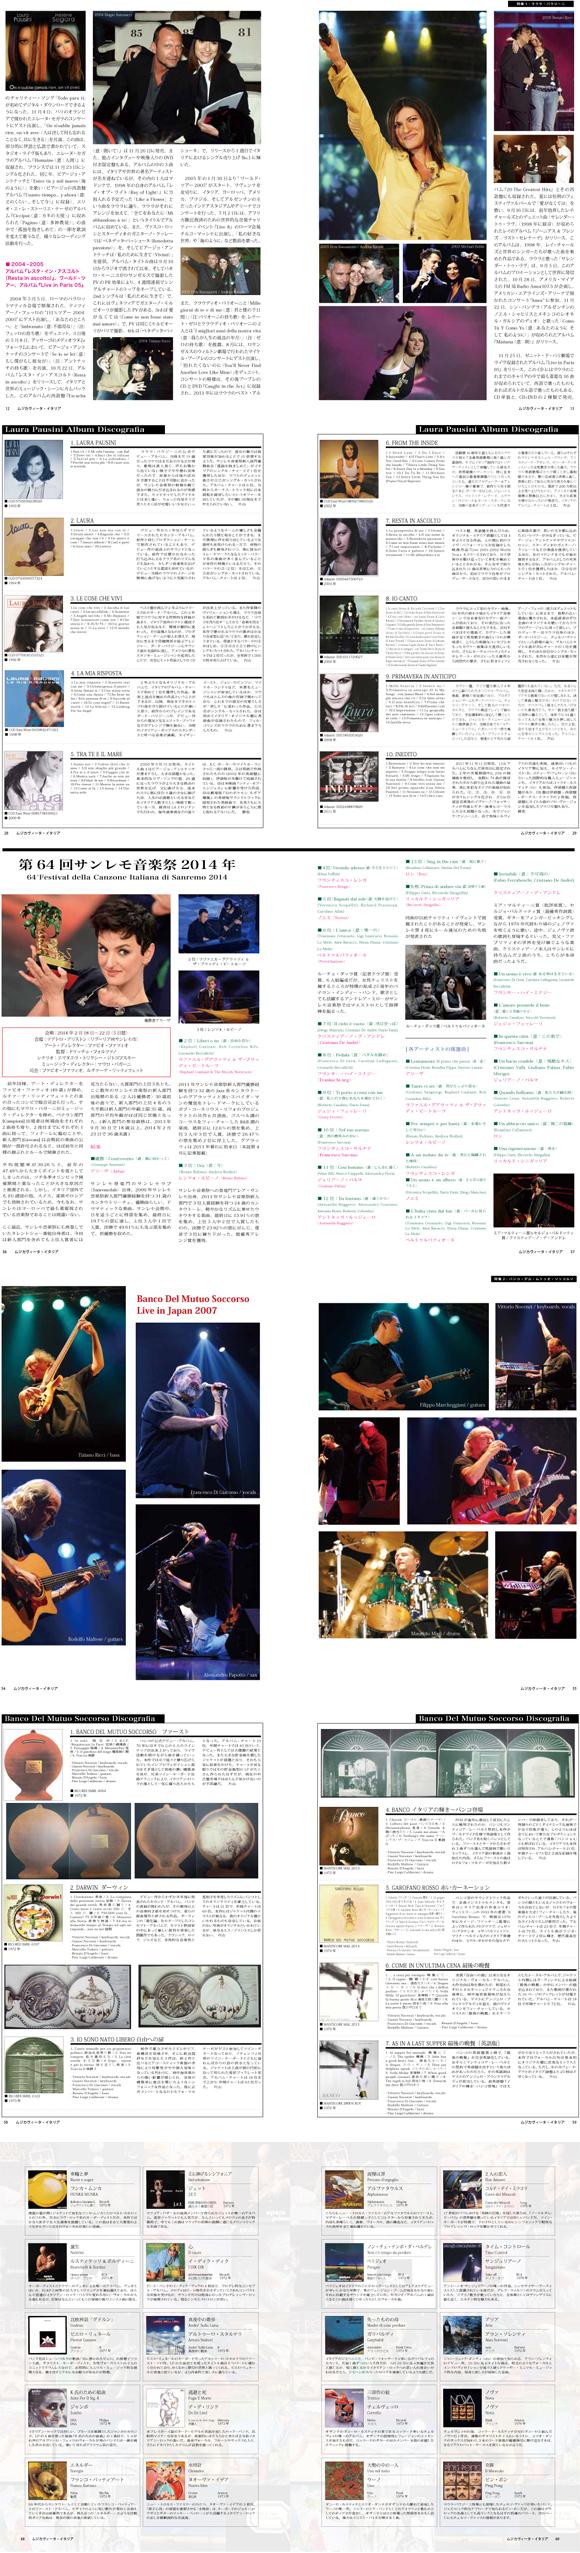 MusicaVita Italia 第5号 サンプルページ